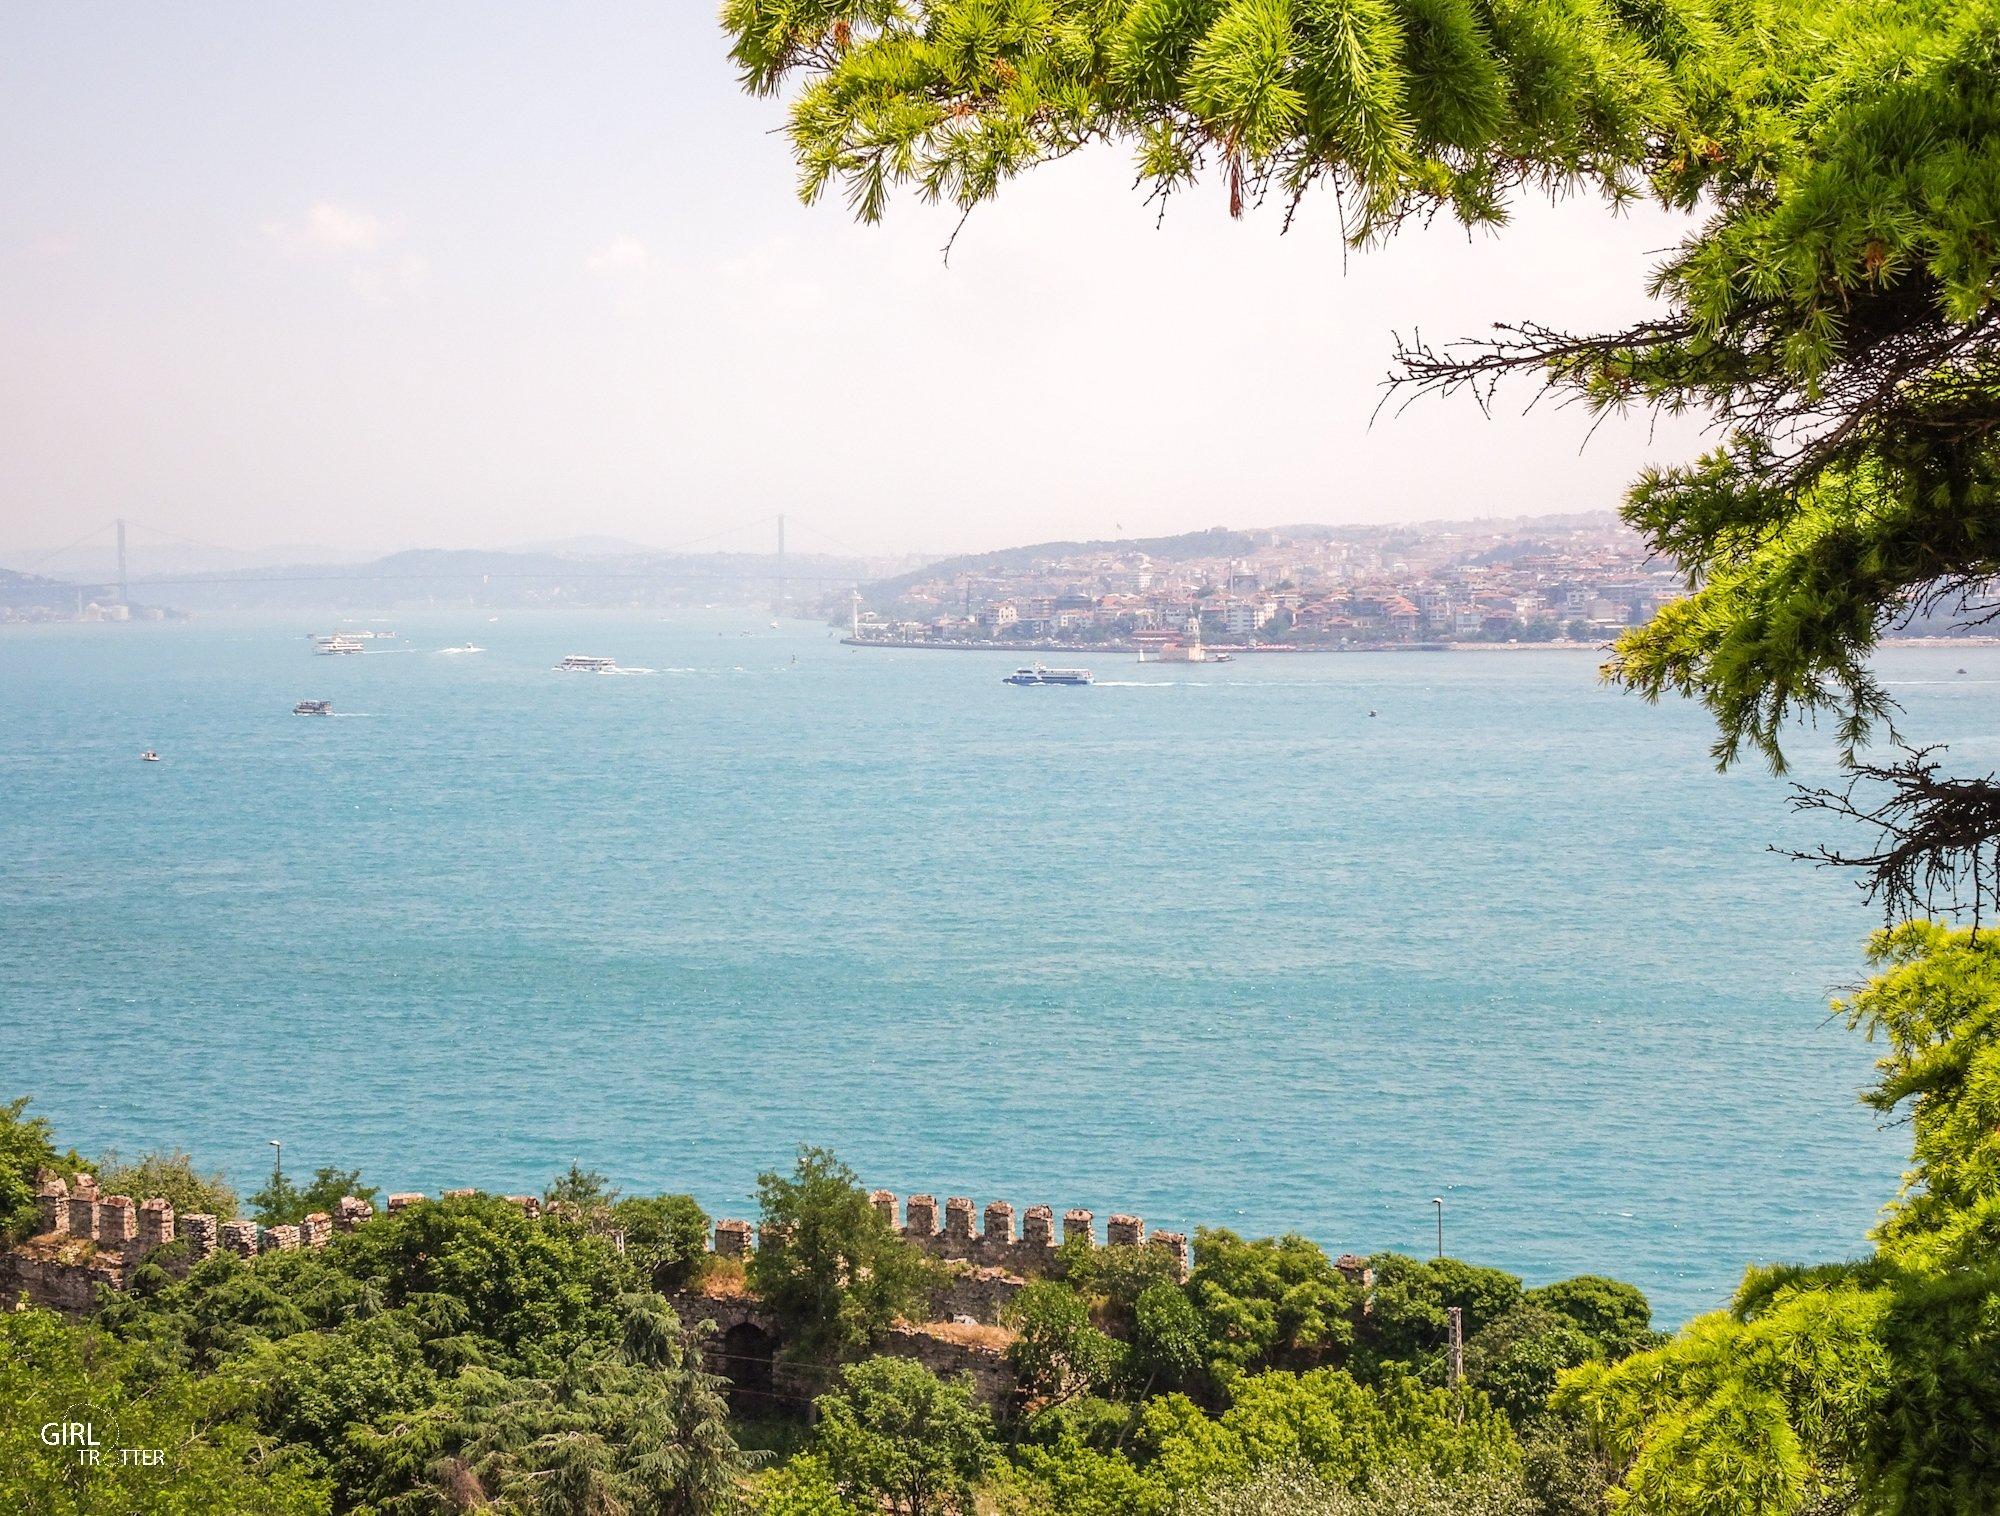 Vue du Palais de Topkapi sur le Bosphore à Istanbul